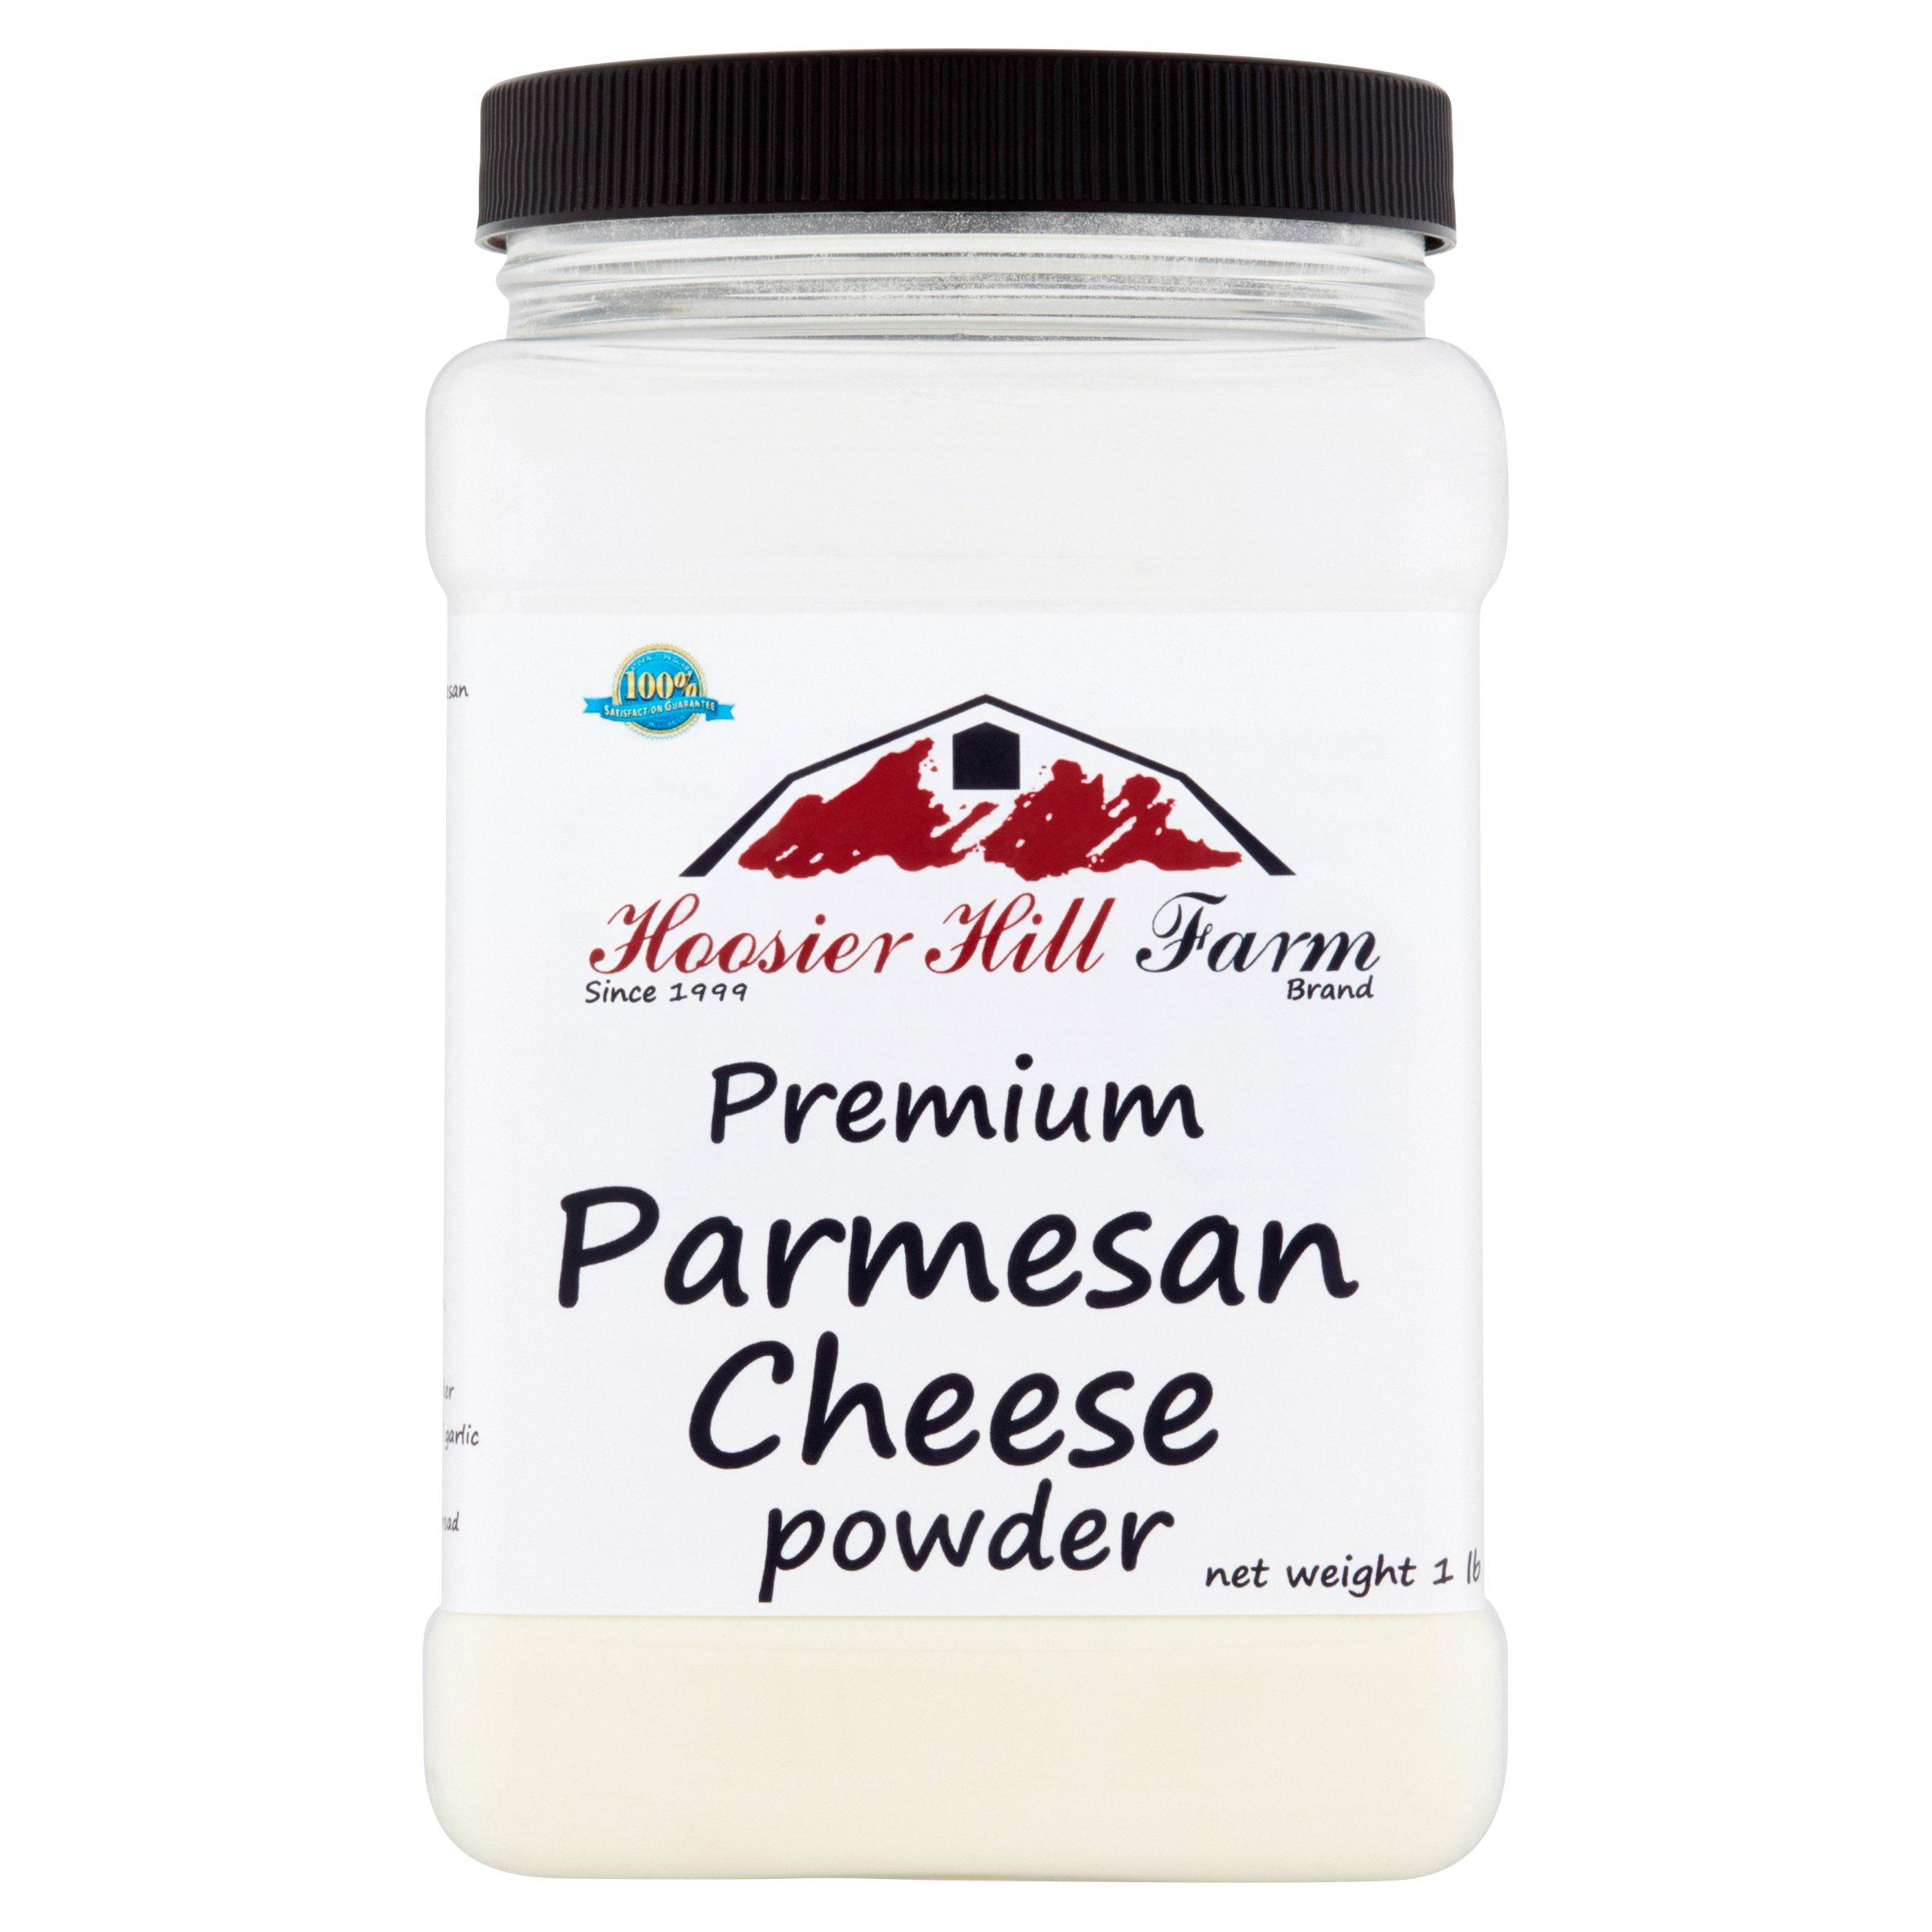 Hoosier Hill Farm Premium Parmesan Cheese Powder 1lb by Hoosier Hill Farm